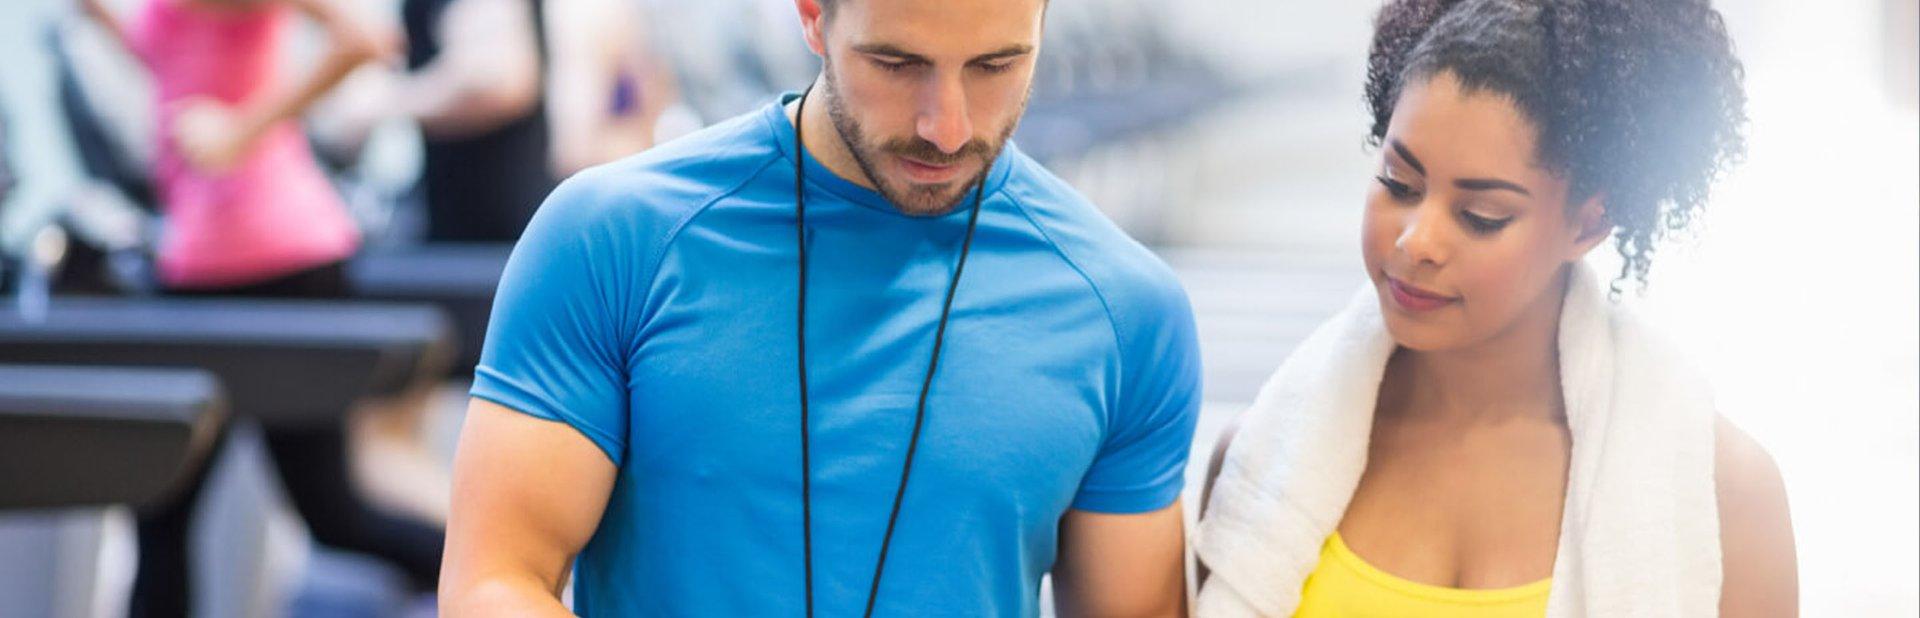 grado en ciencias de la actividad física y del deporte semipresencial